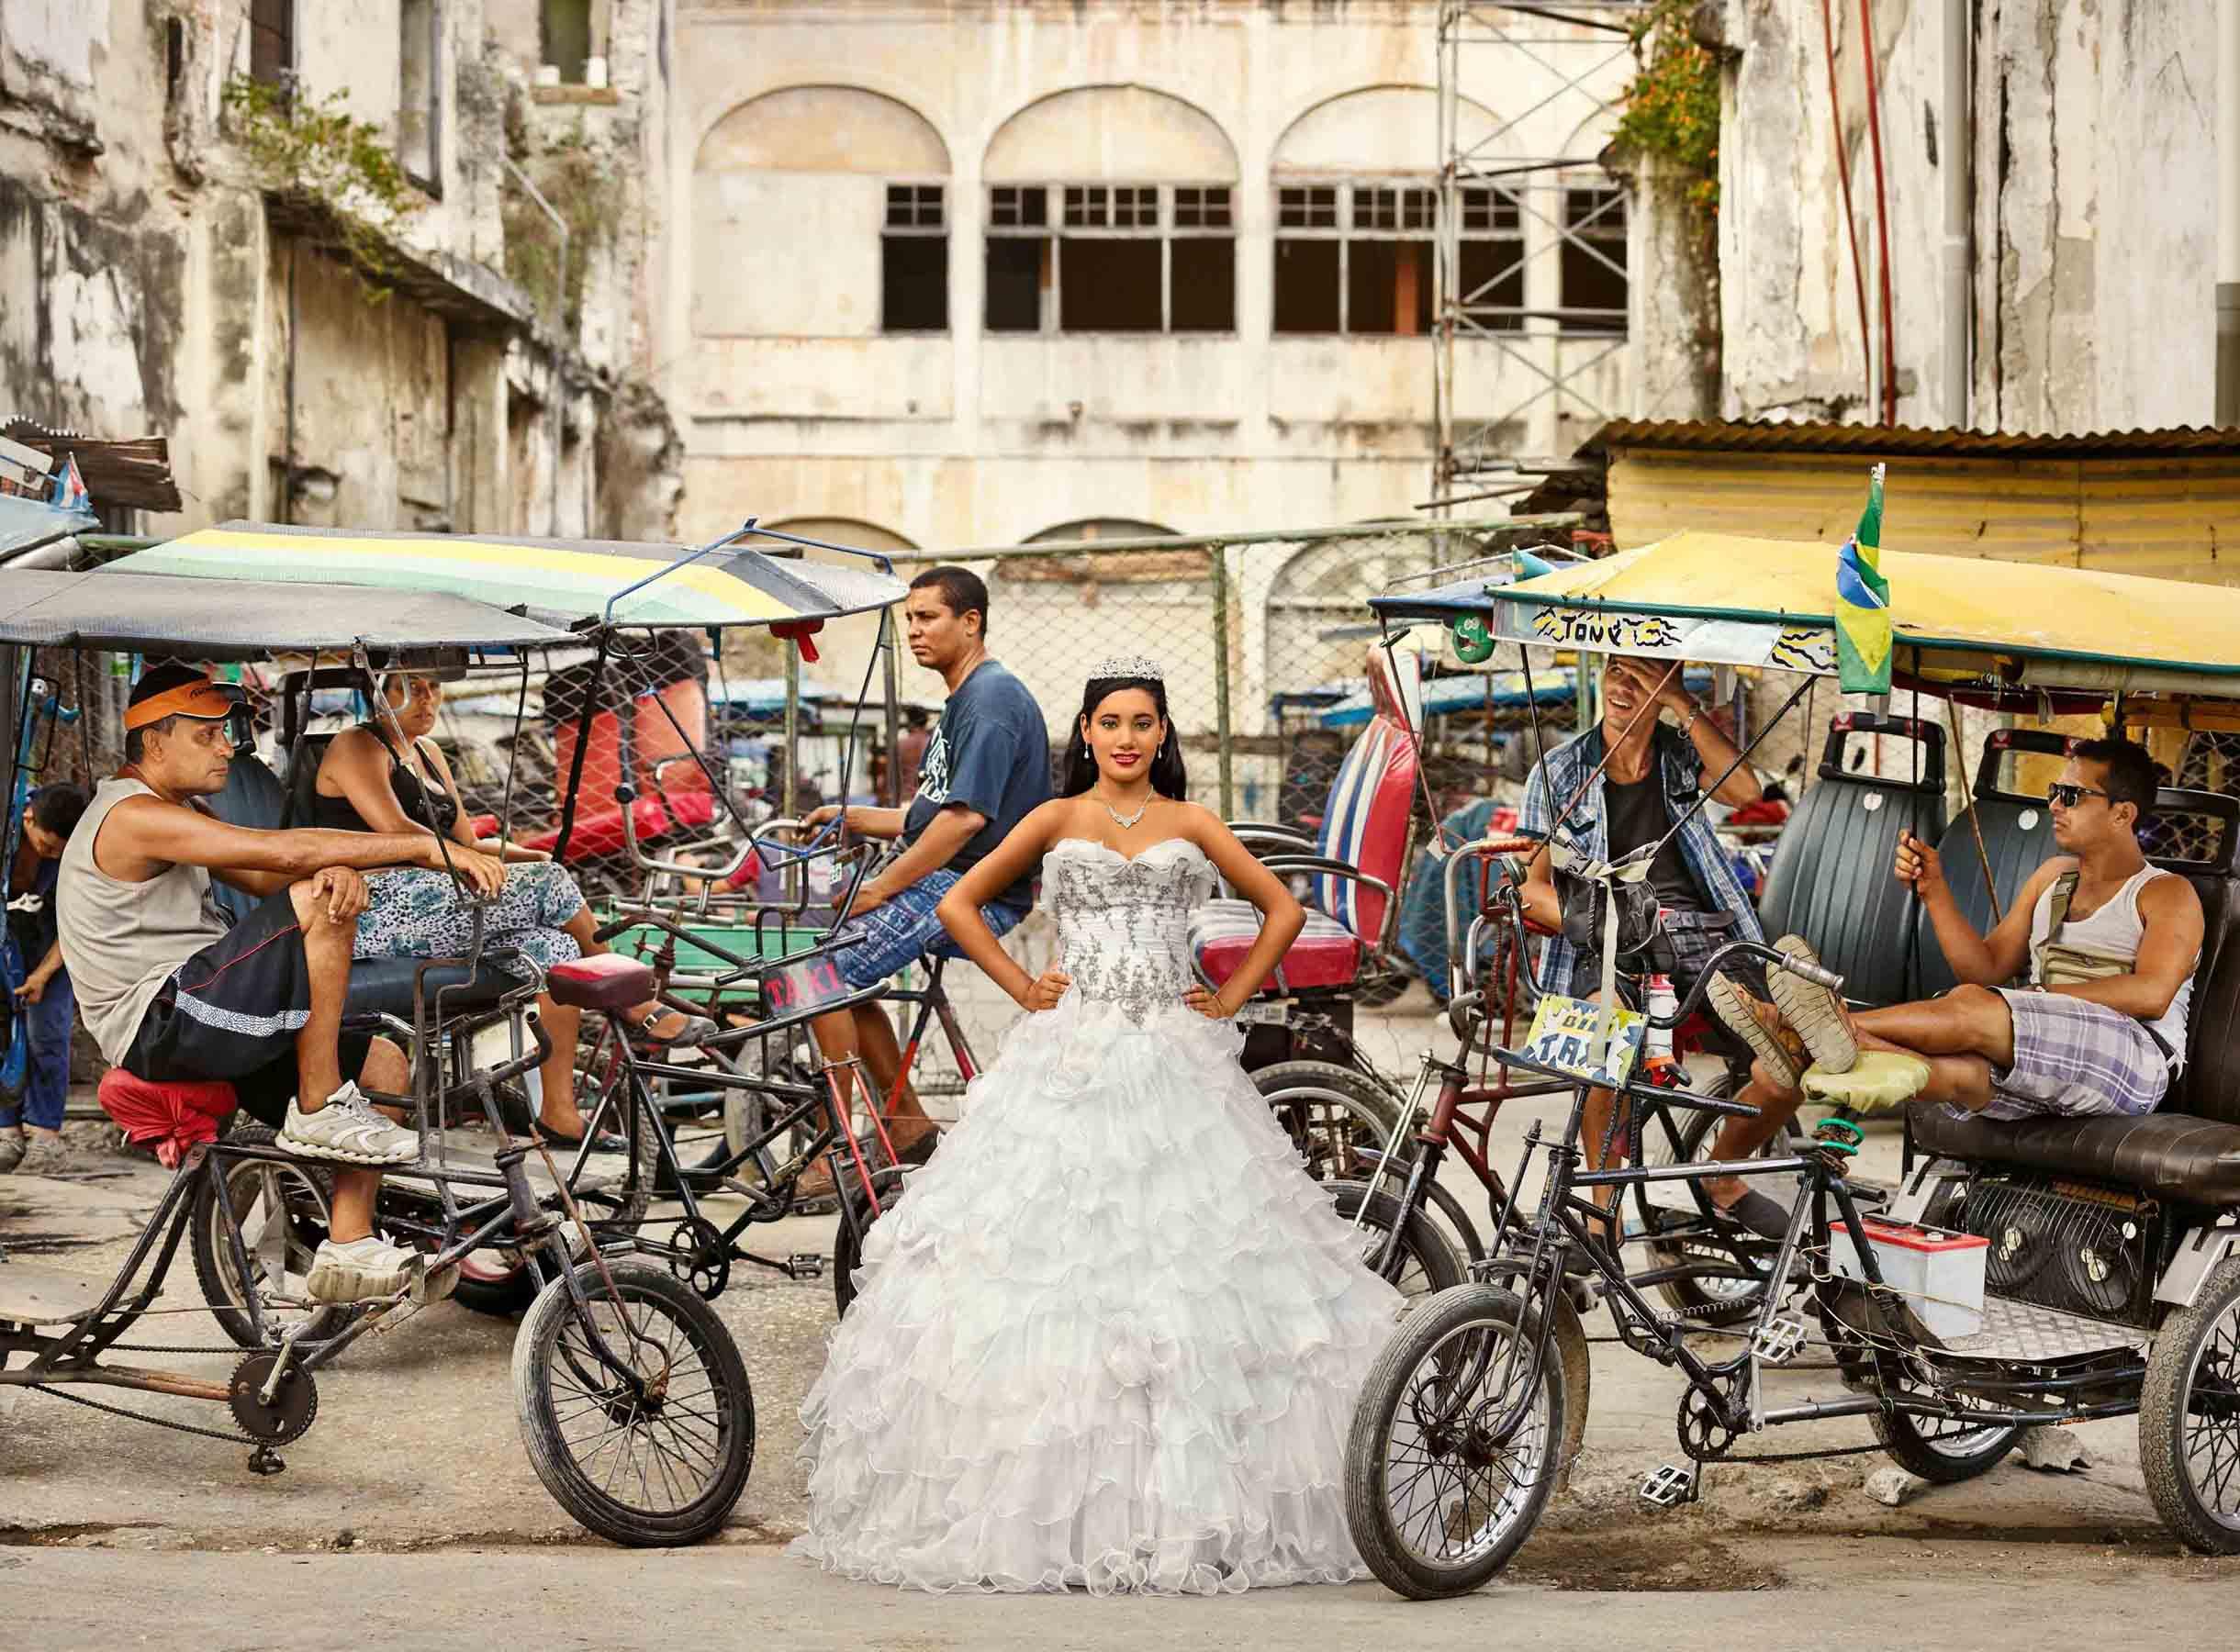 Frank Thiel, Habana, La Habana Vieja, Belén, 2016, Courtesy the artist and BlainSouthern